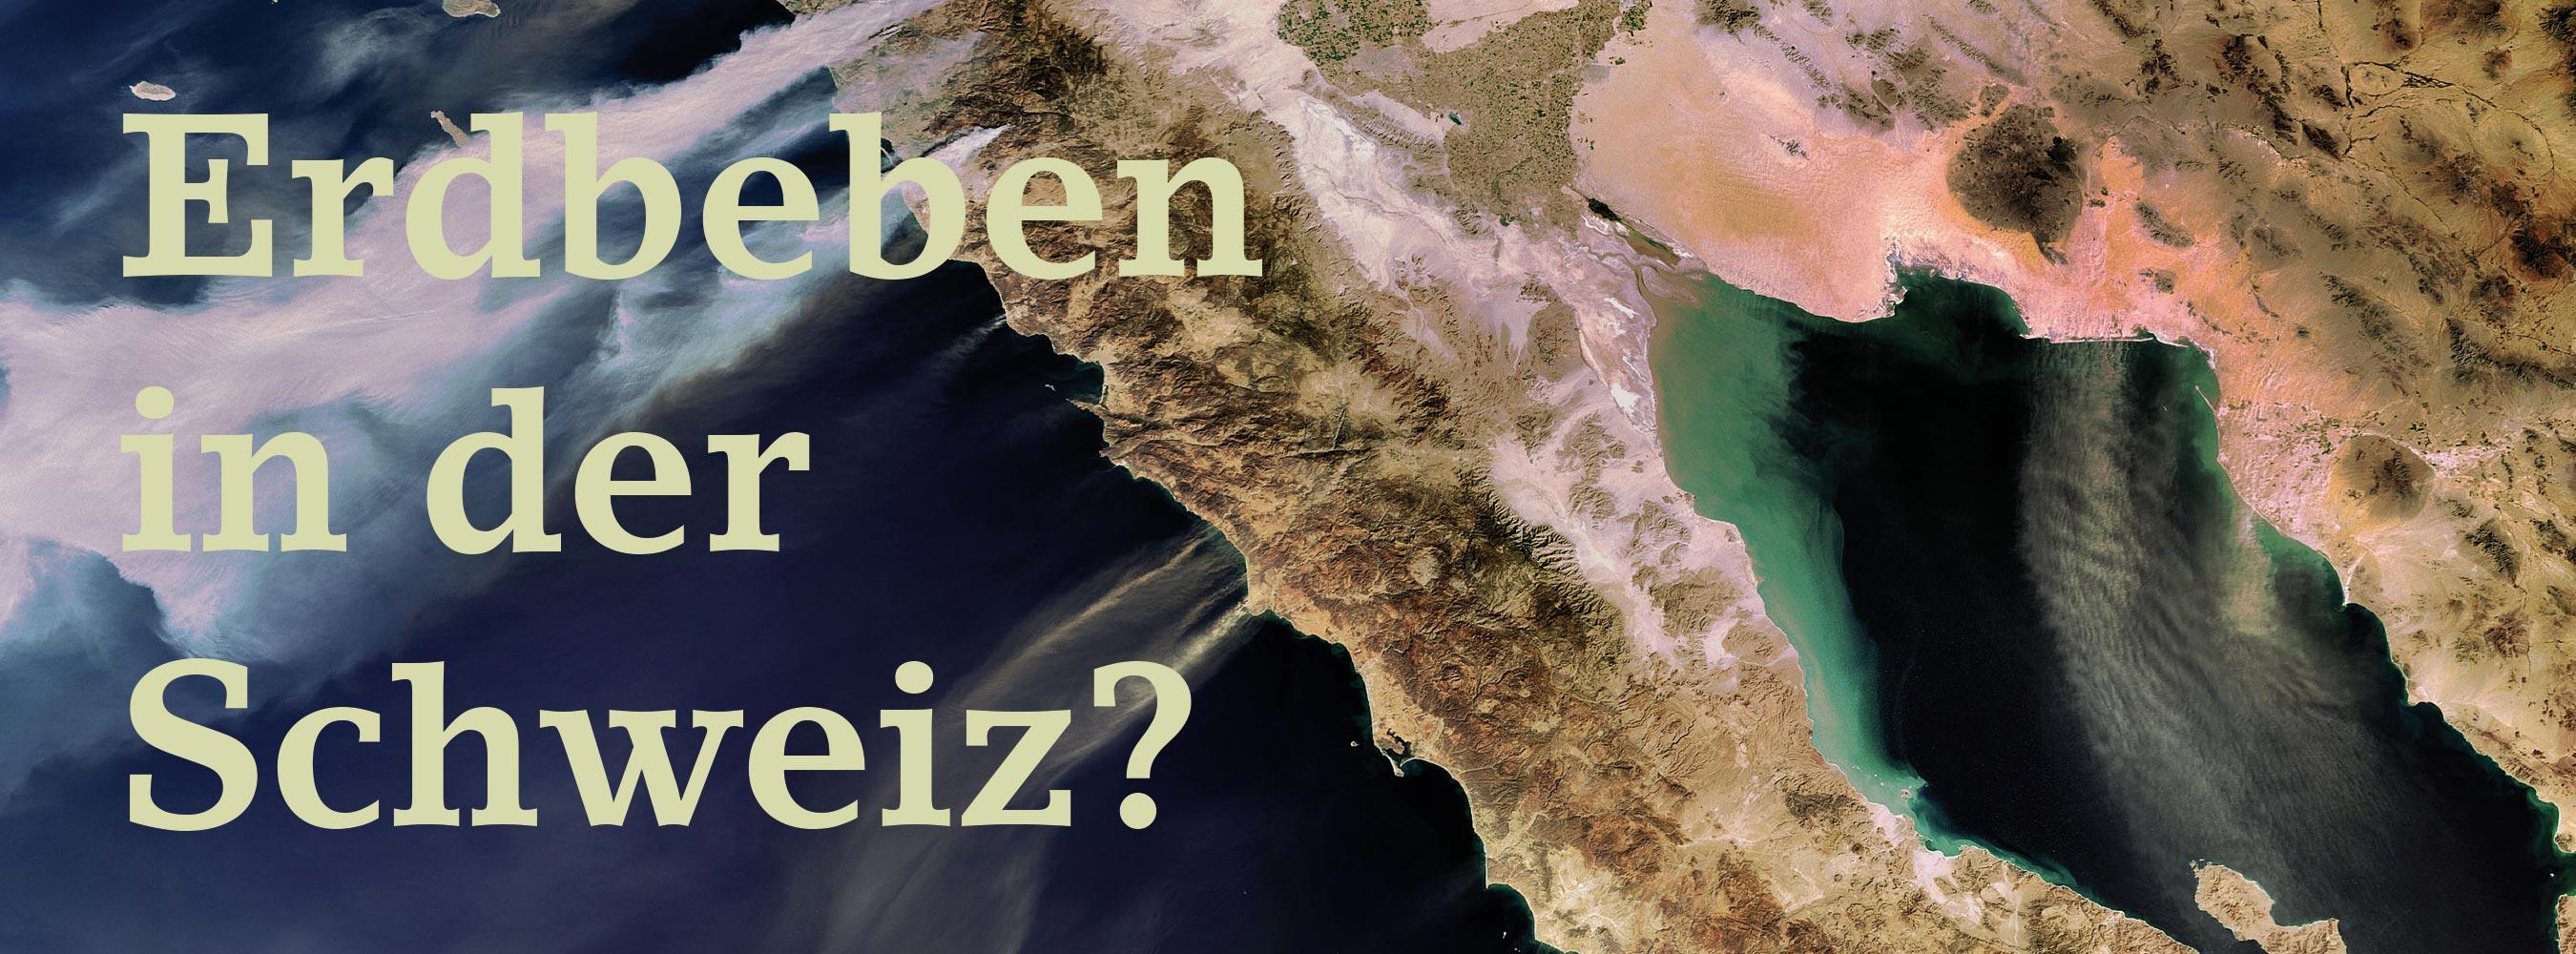 Gibt es Erdbeben in der Schweiz?